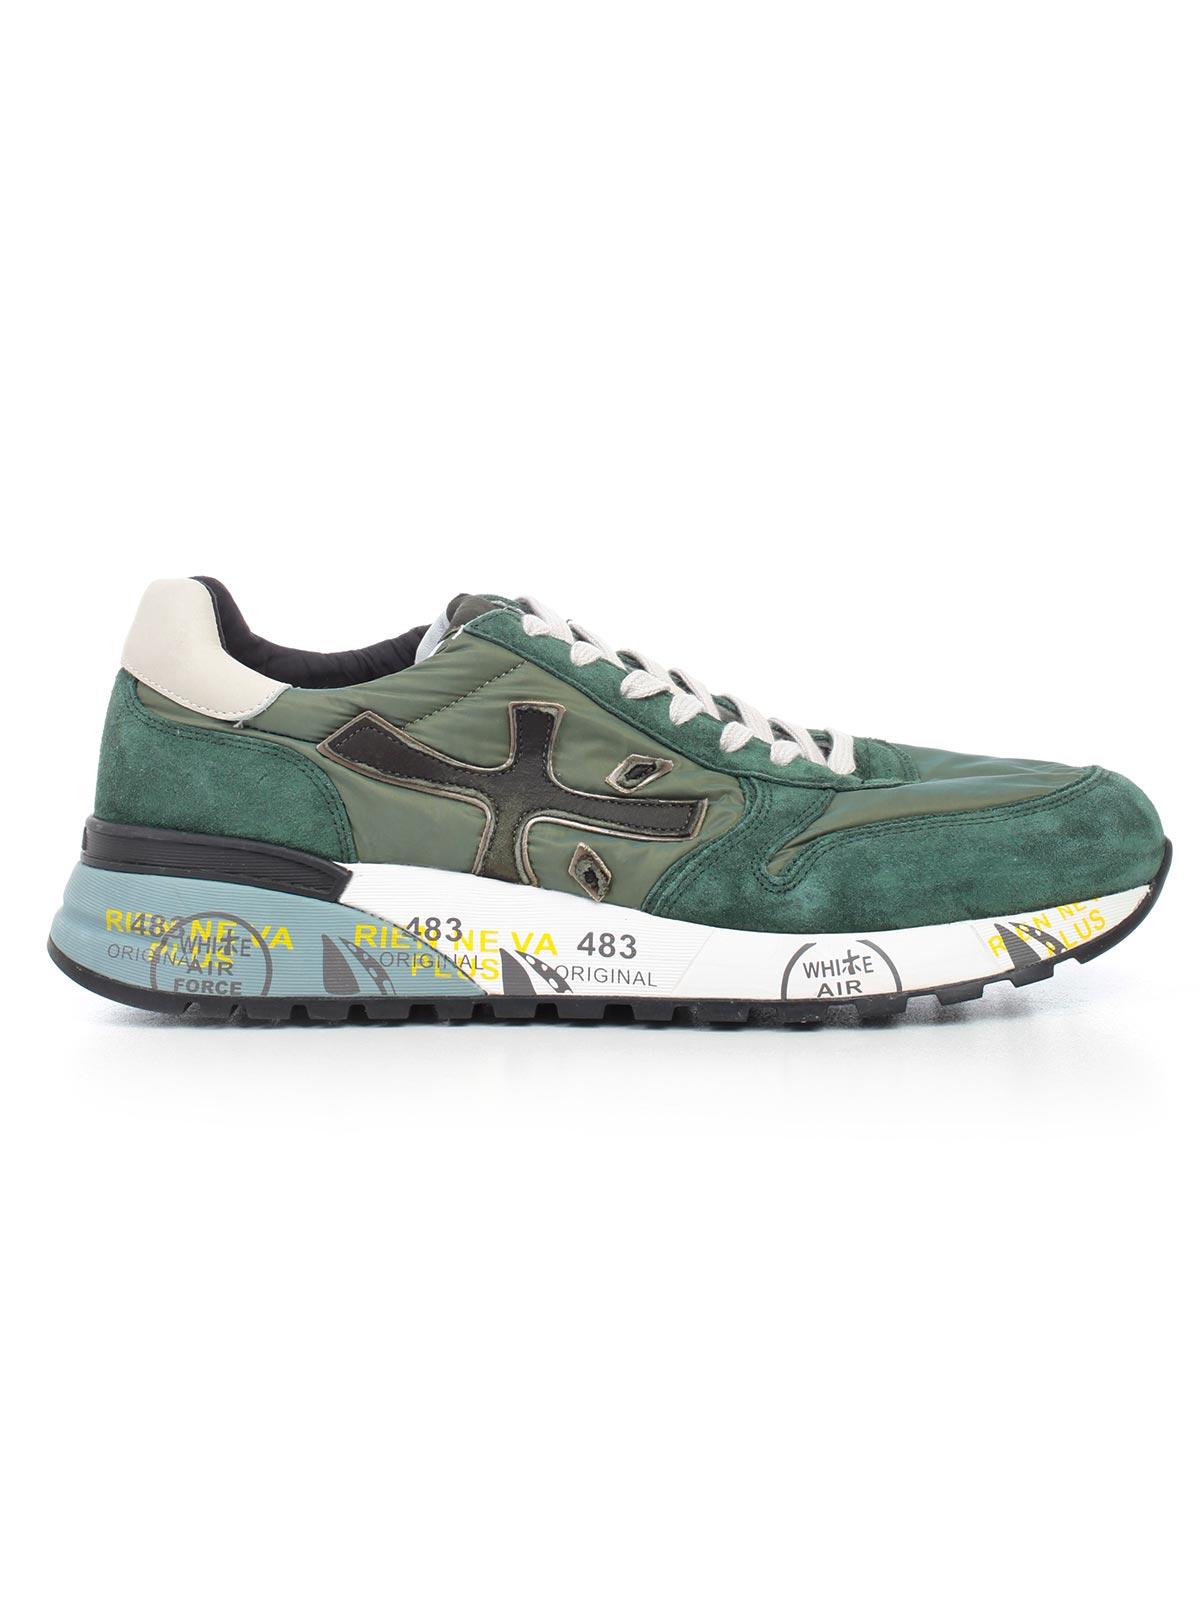 Premiata Shoes Sneakers & Slip On Men Green | Vietti Shop